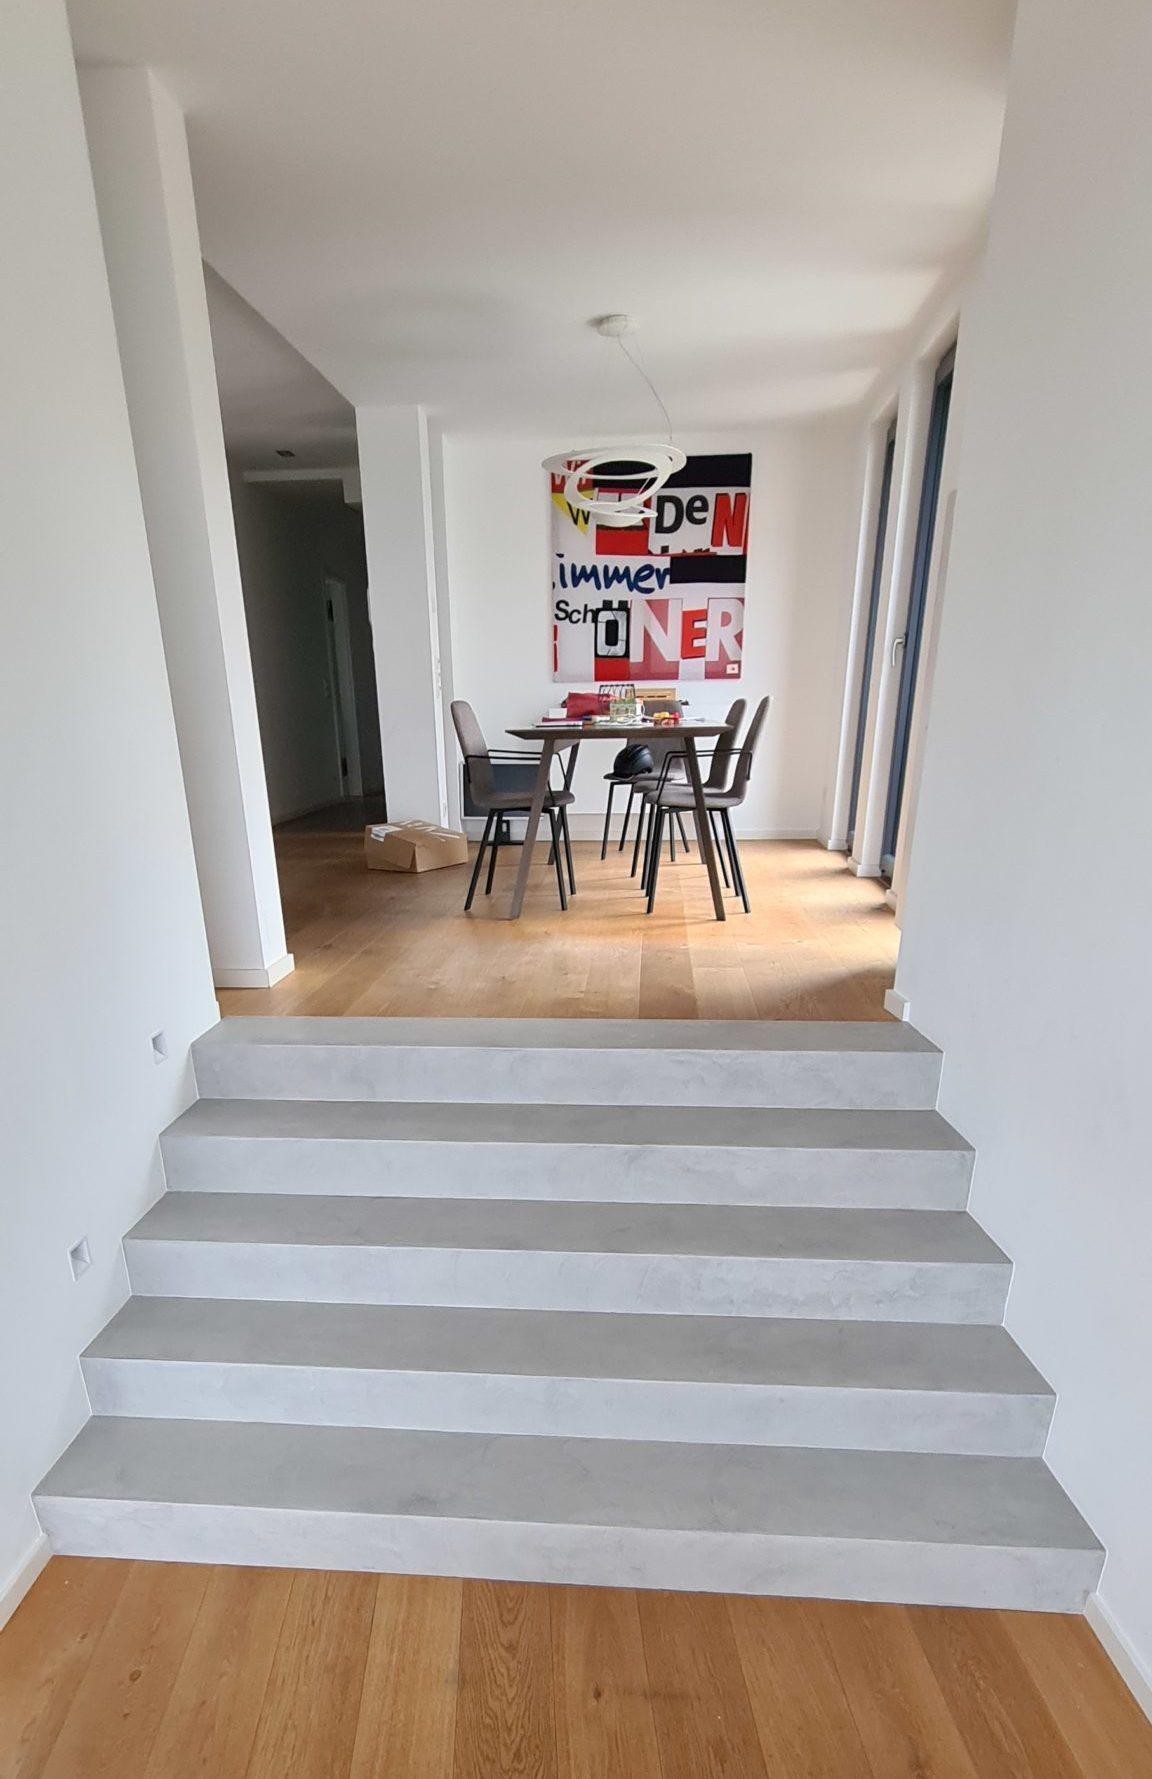 Treppe fugenlos gespachtelt in betonoptik bzw. betonlook